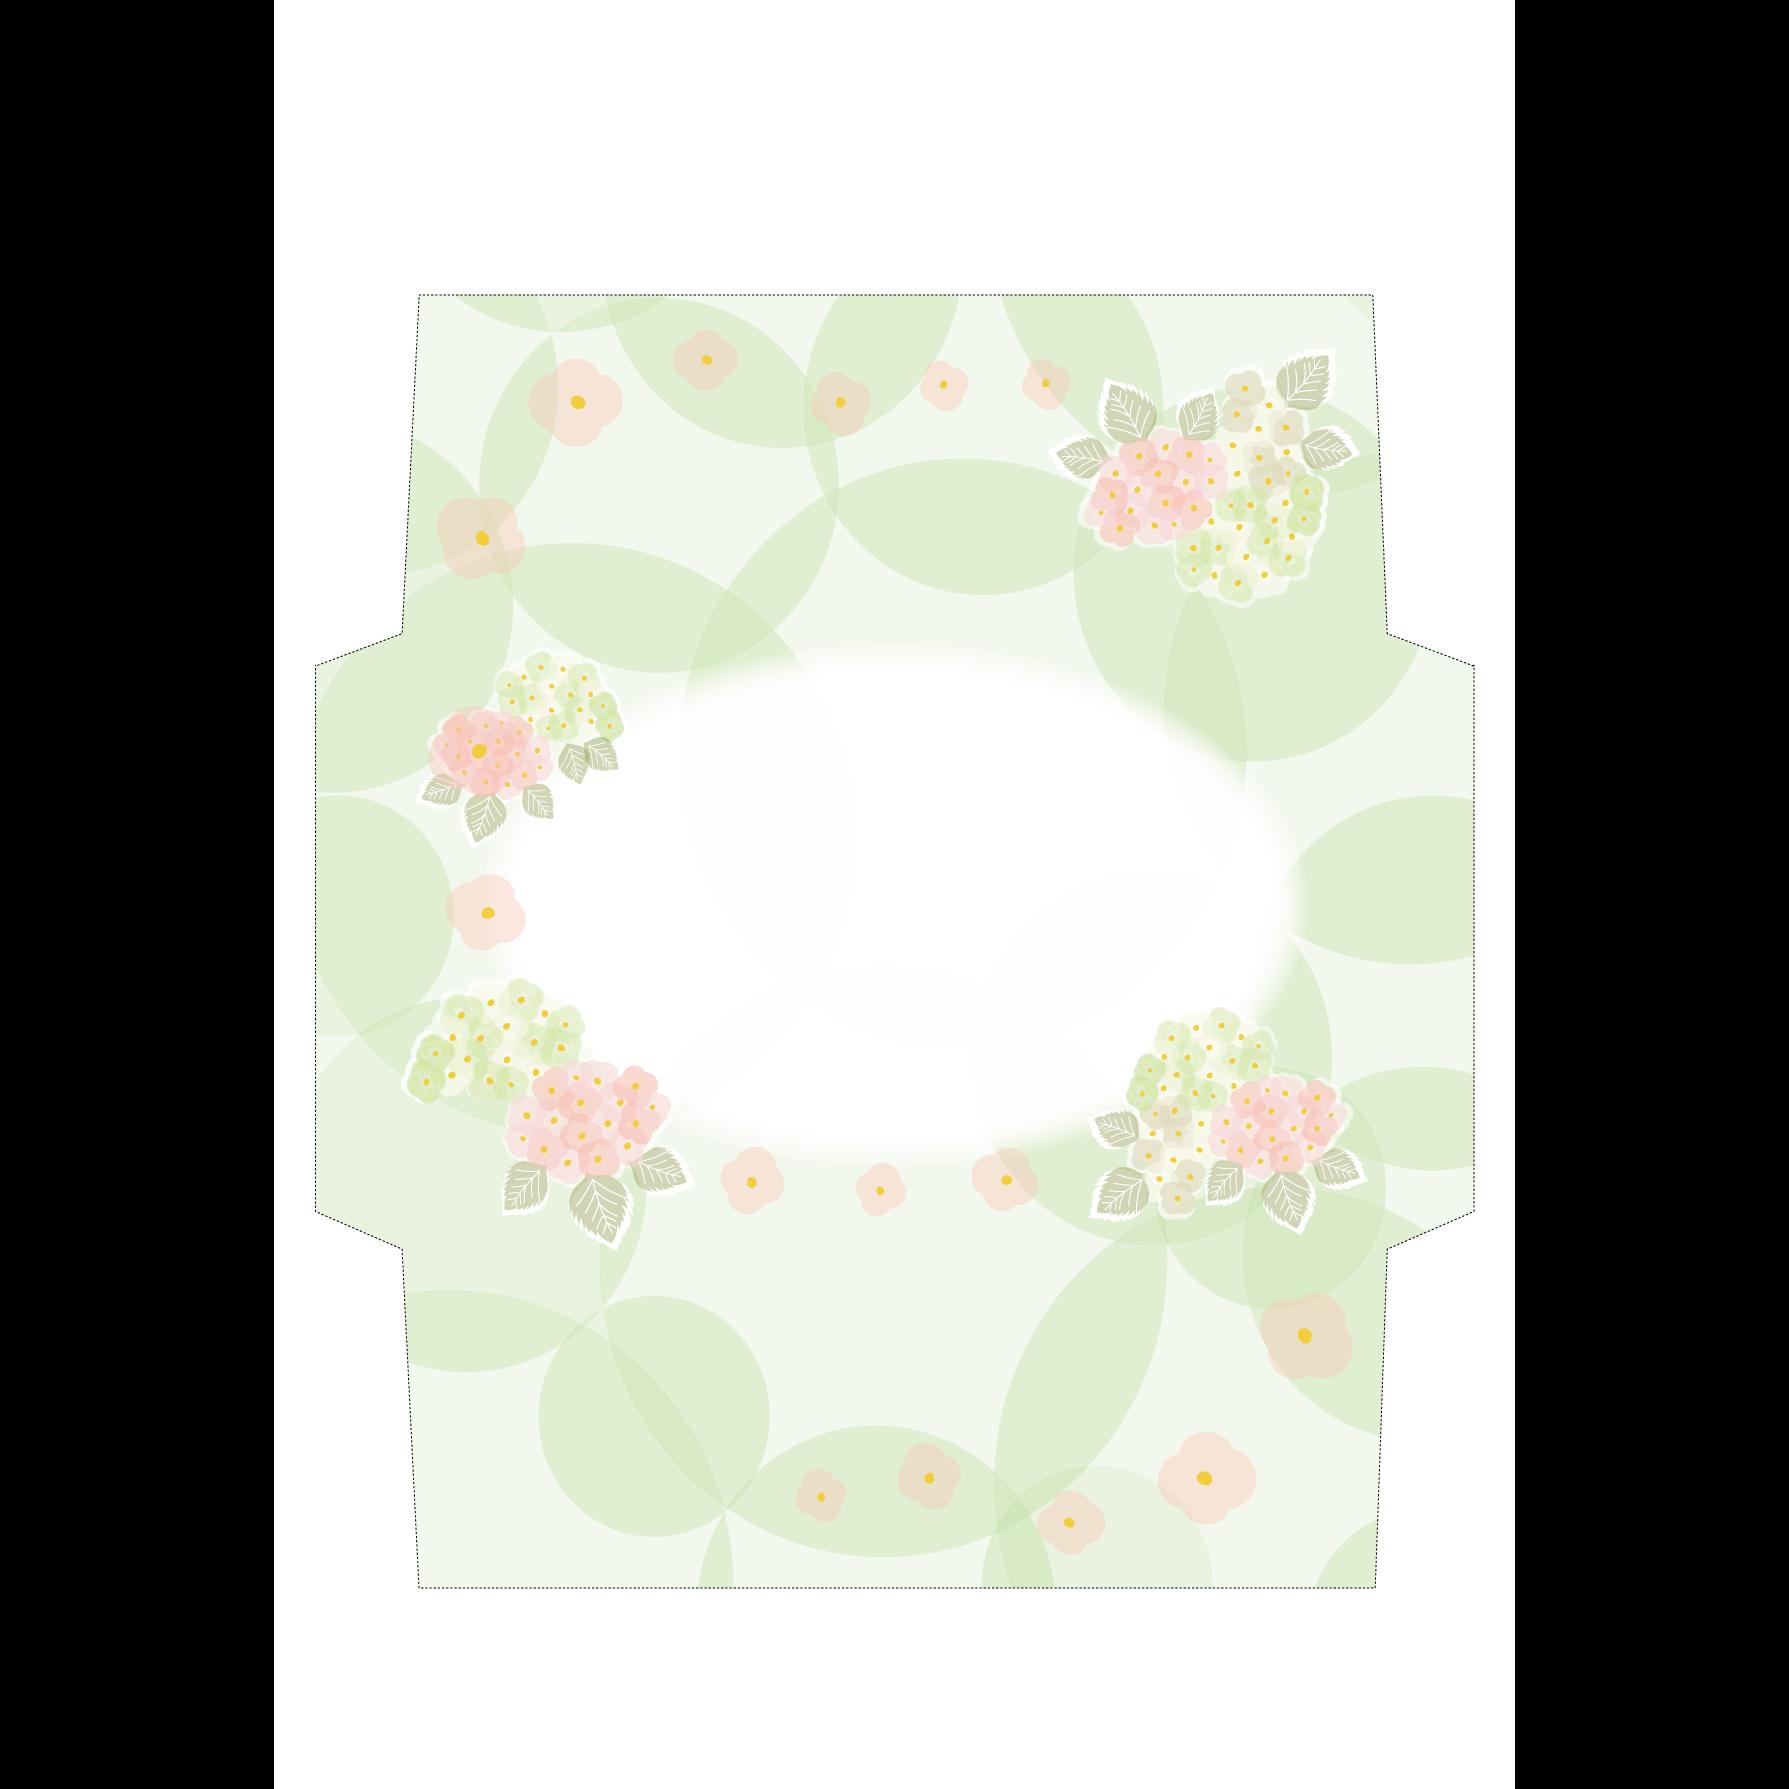 かわいい♪紫陽花(アジサイ)の封筒 無料テンプレート イラスト